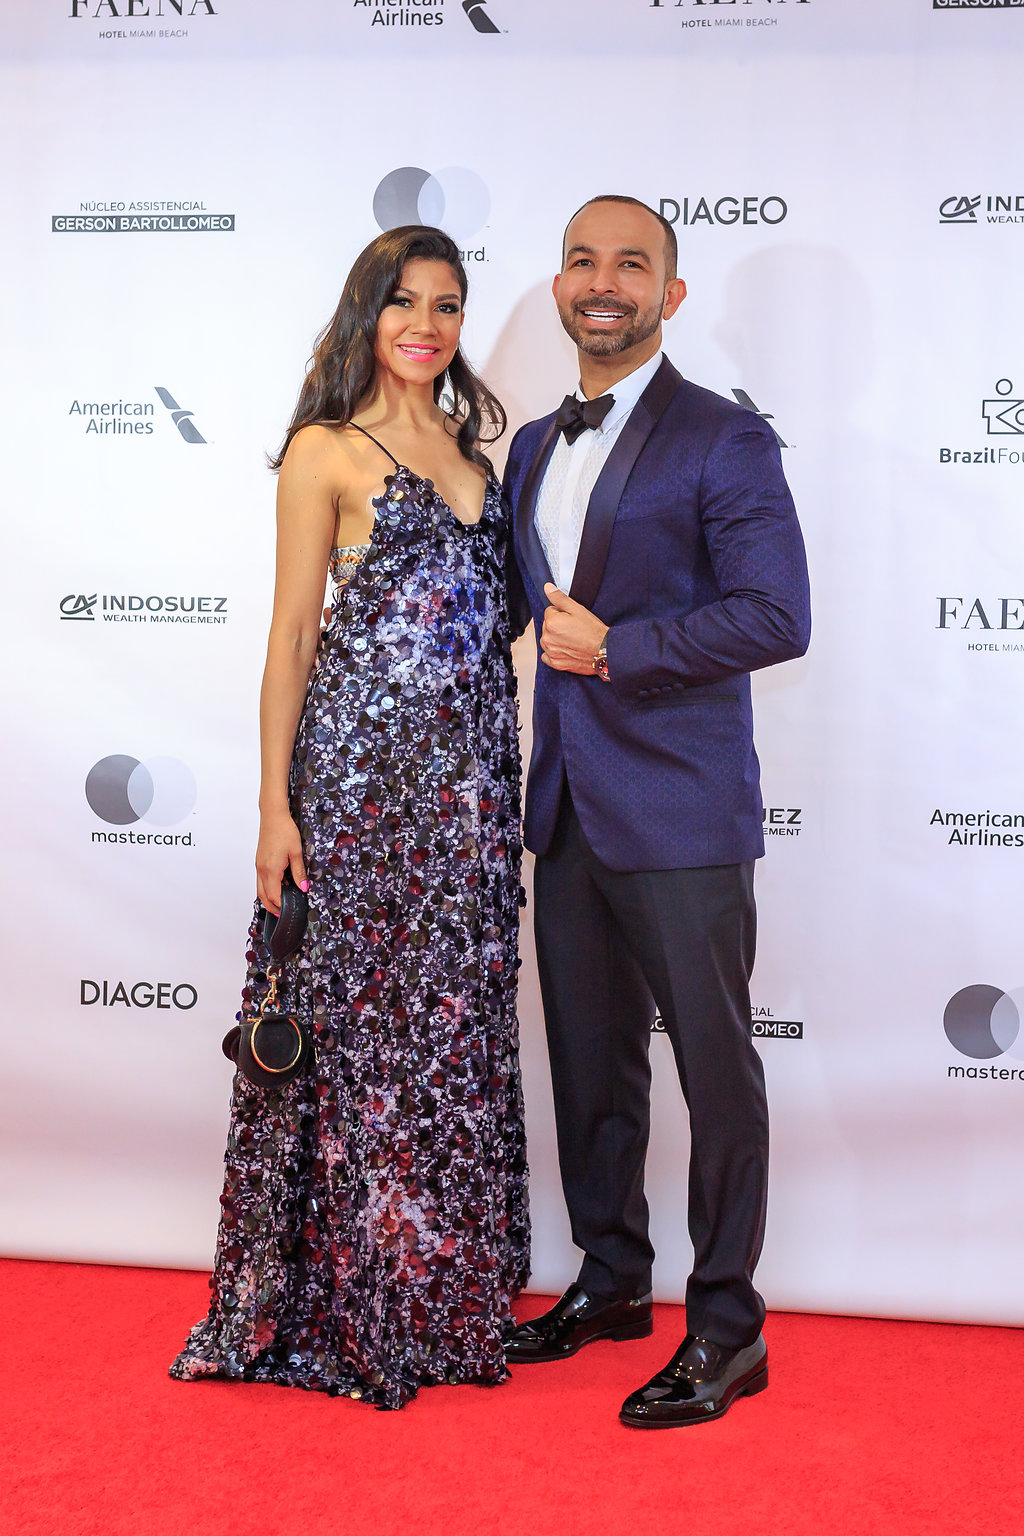 Salvatore Ferragamo BrazilFoundation VII Gala Miami Tropical Carnival Ball Florida Philanthropy Filantropia